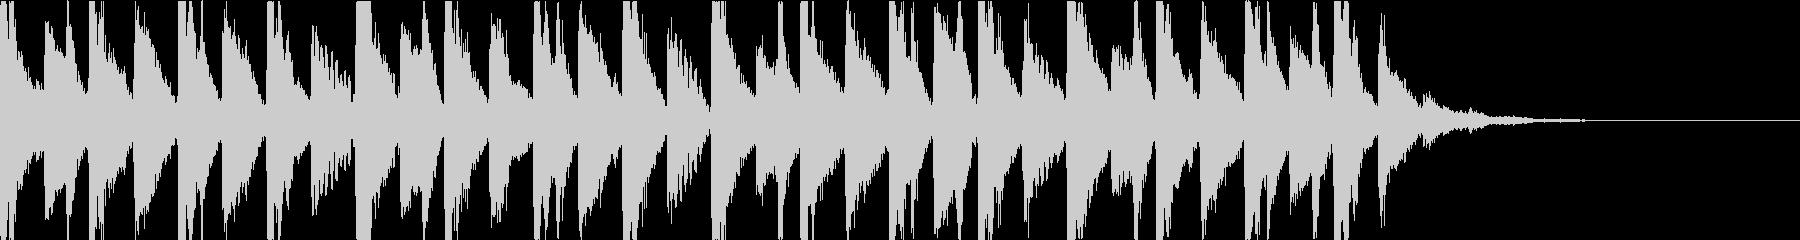 ドキドキ奇妙・ホラーミステリアスジングルの未再生の波形